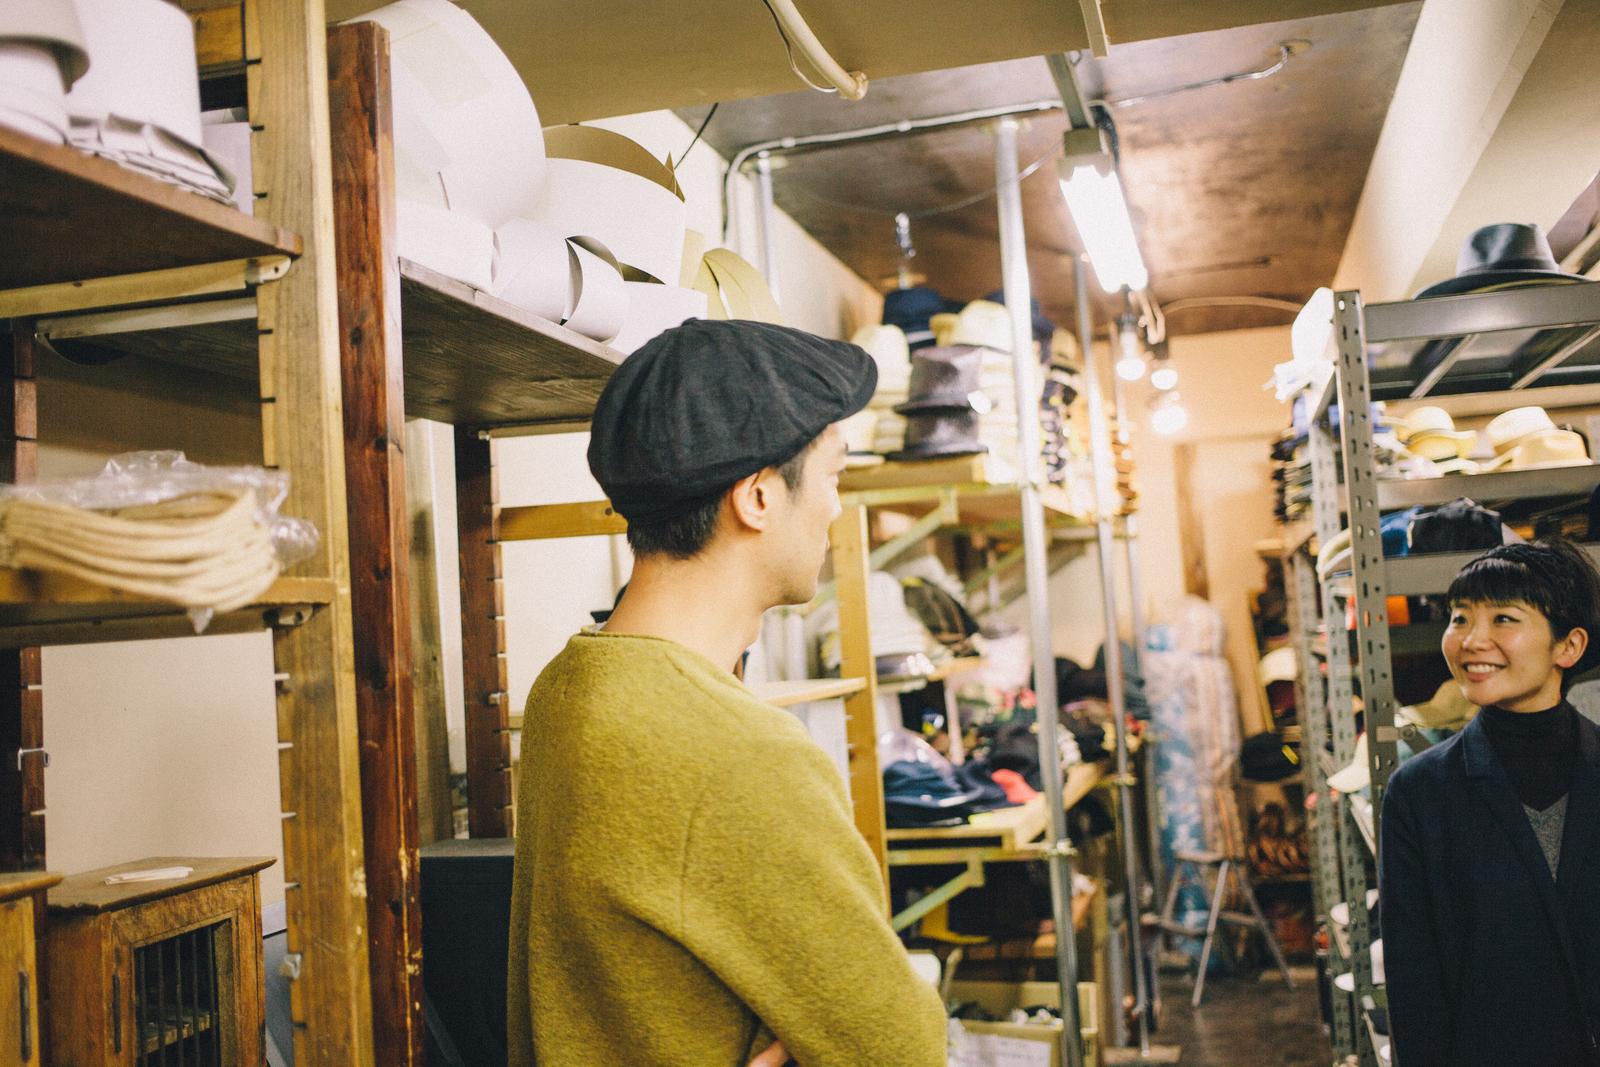 代々木上原の帽子屋 スタジオトムス 嵐 二宮和也さんがかぶった帽子